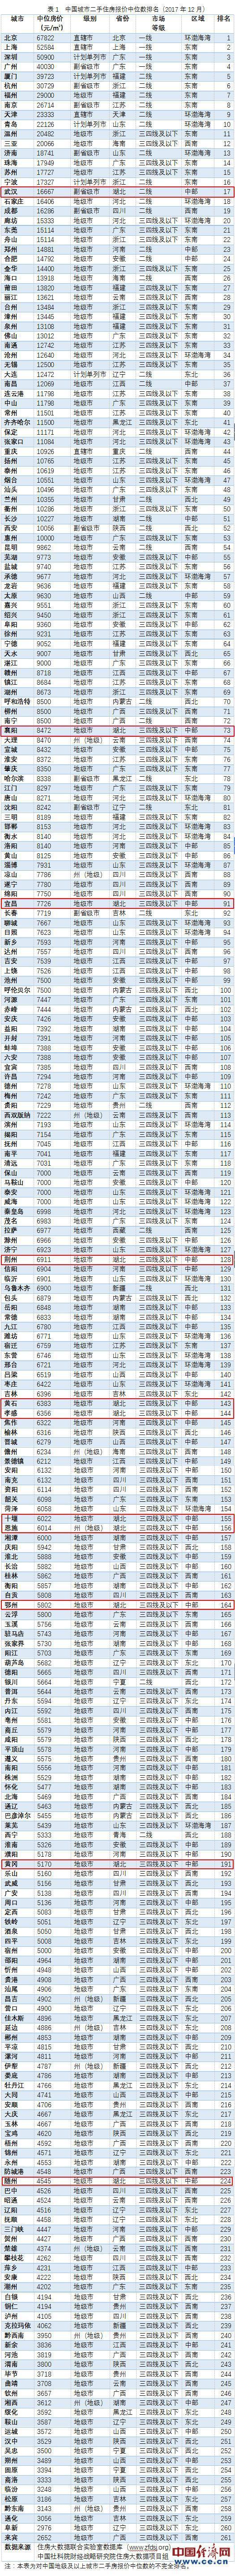 中国城市二手住房报价中位数排名(2017年12月)